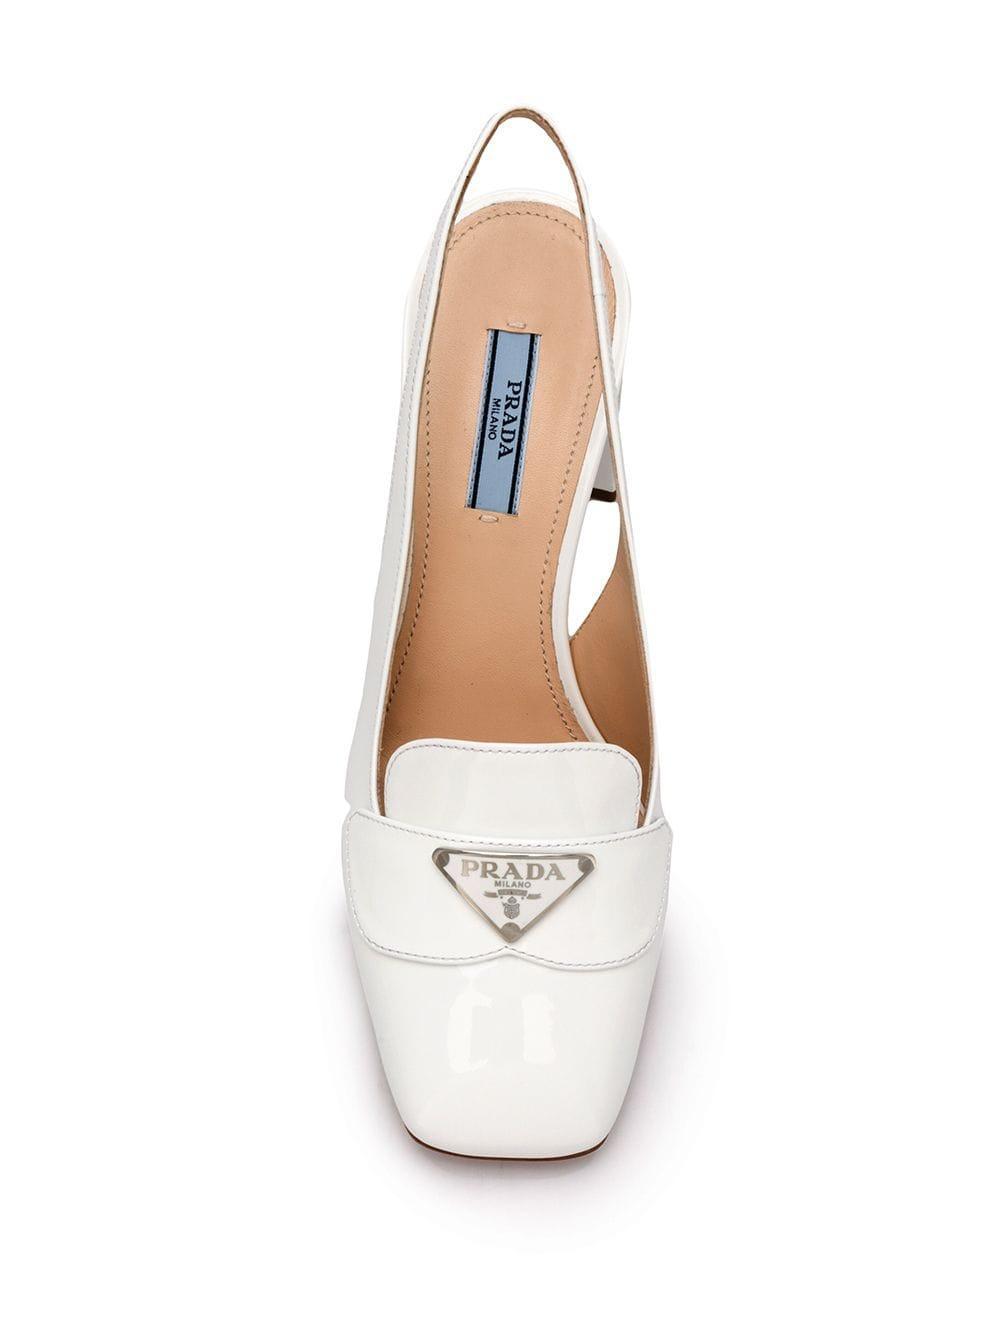 Zapatos de tacón con placa del logo y tira trasera Prada de Cuero de color Blanco